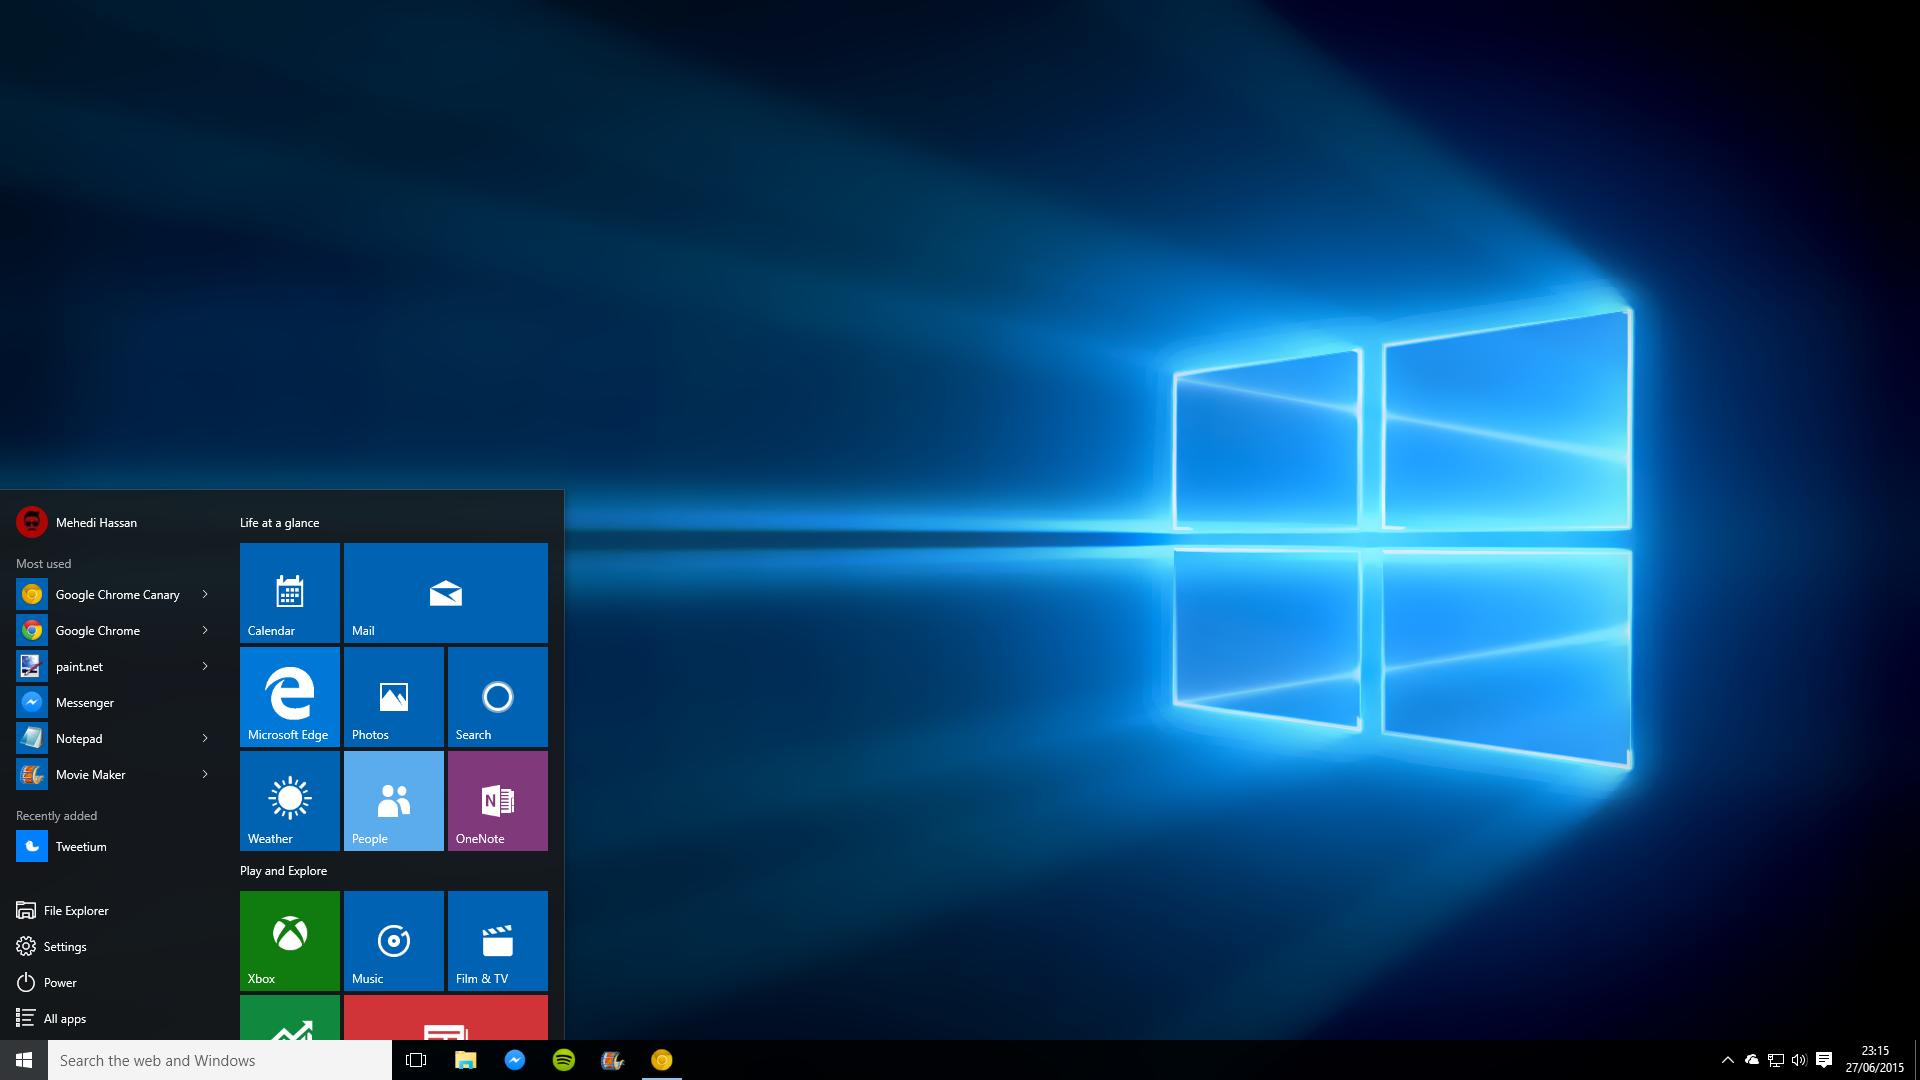 Szerezze be a Windows 10 -et! | Rendszergazdat.eu